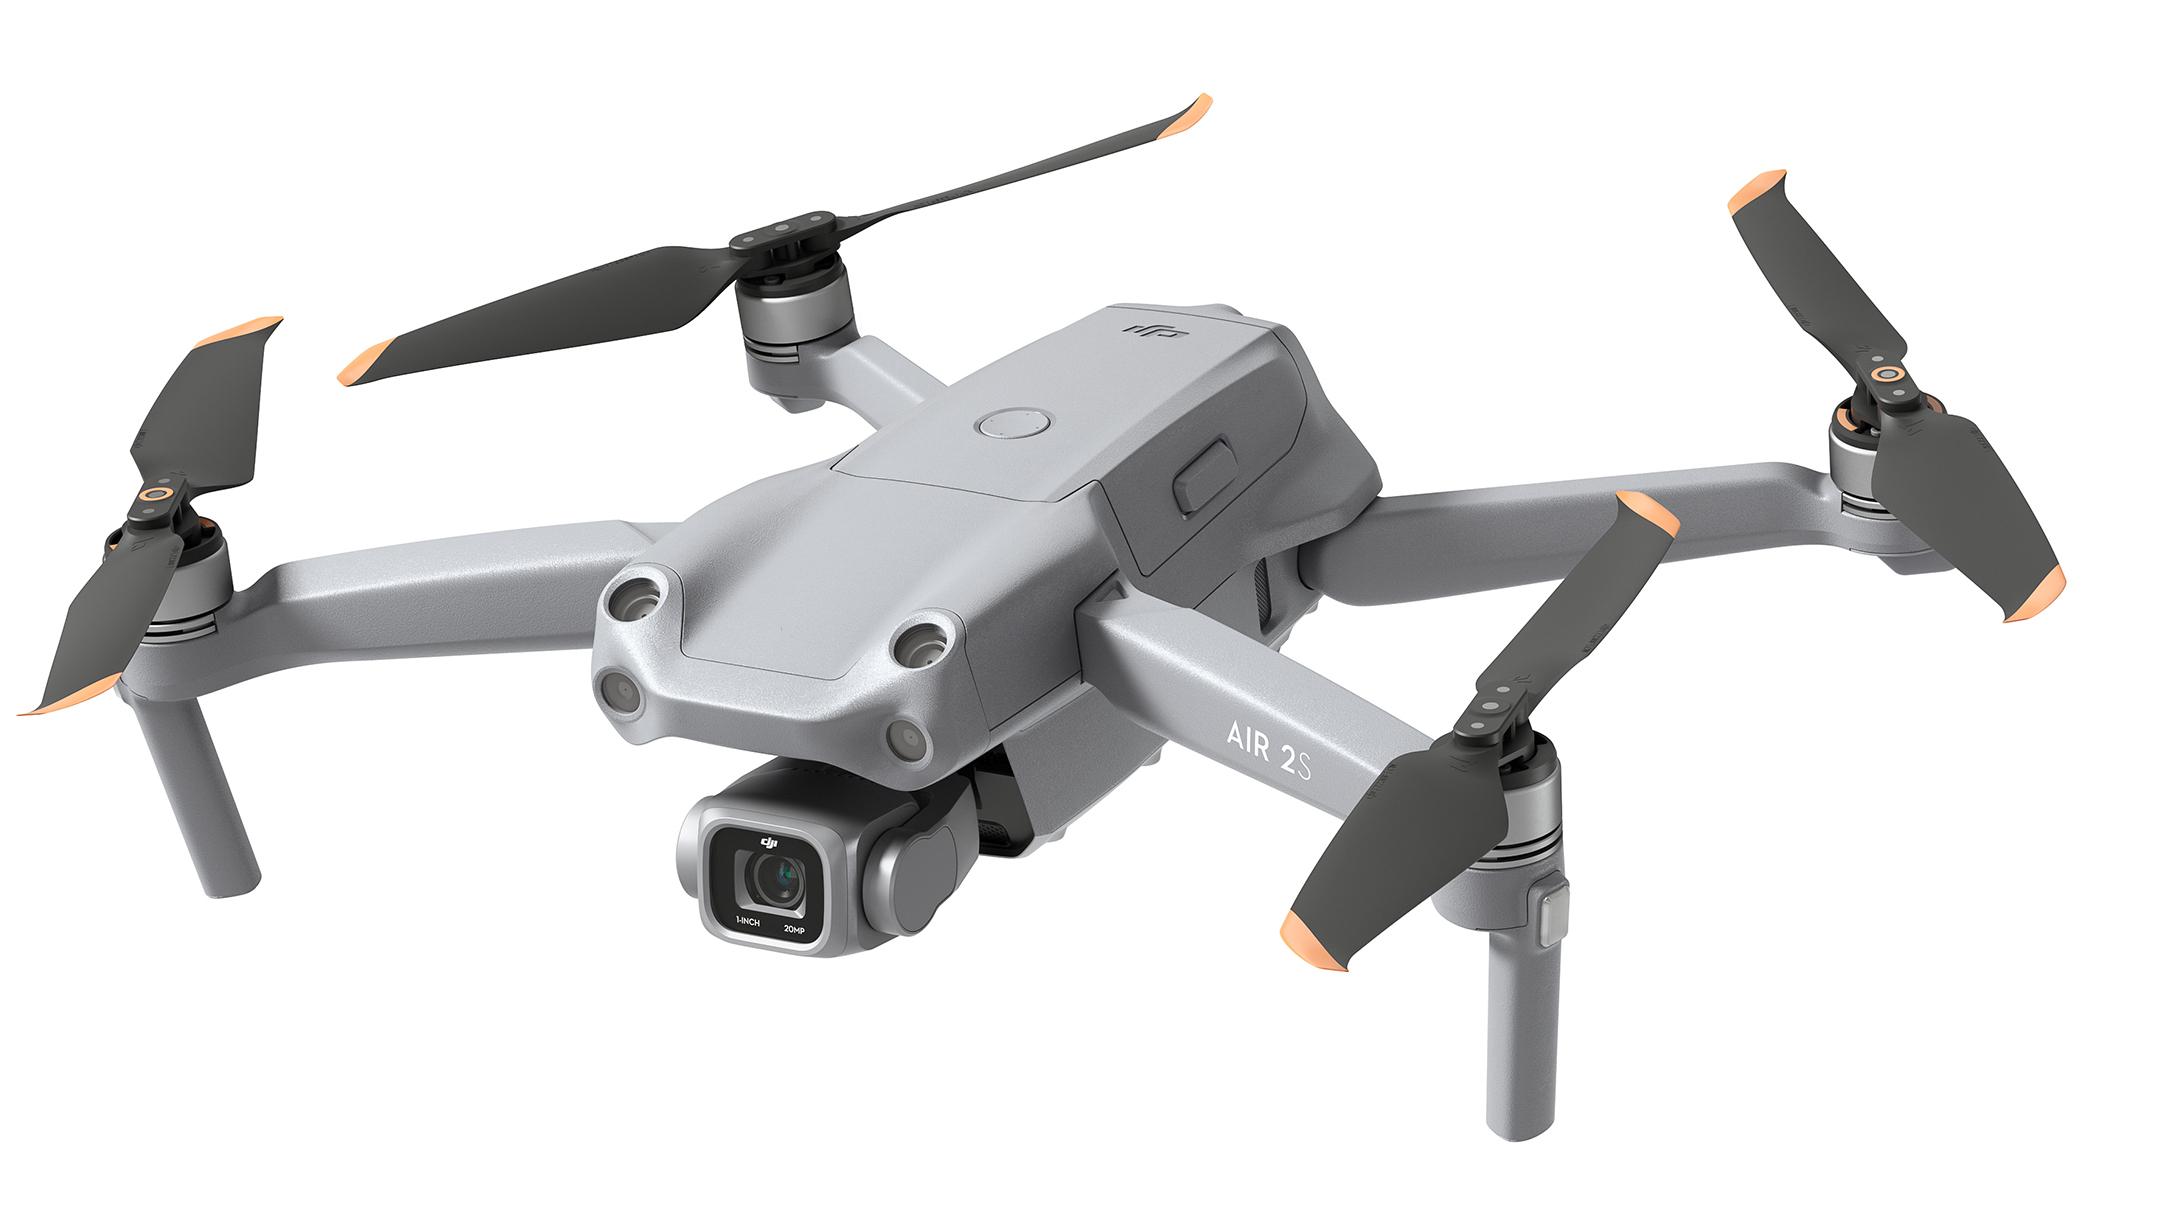 DJI Air 2s drone: major upgrade of Mavic Air 2 with 1